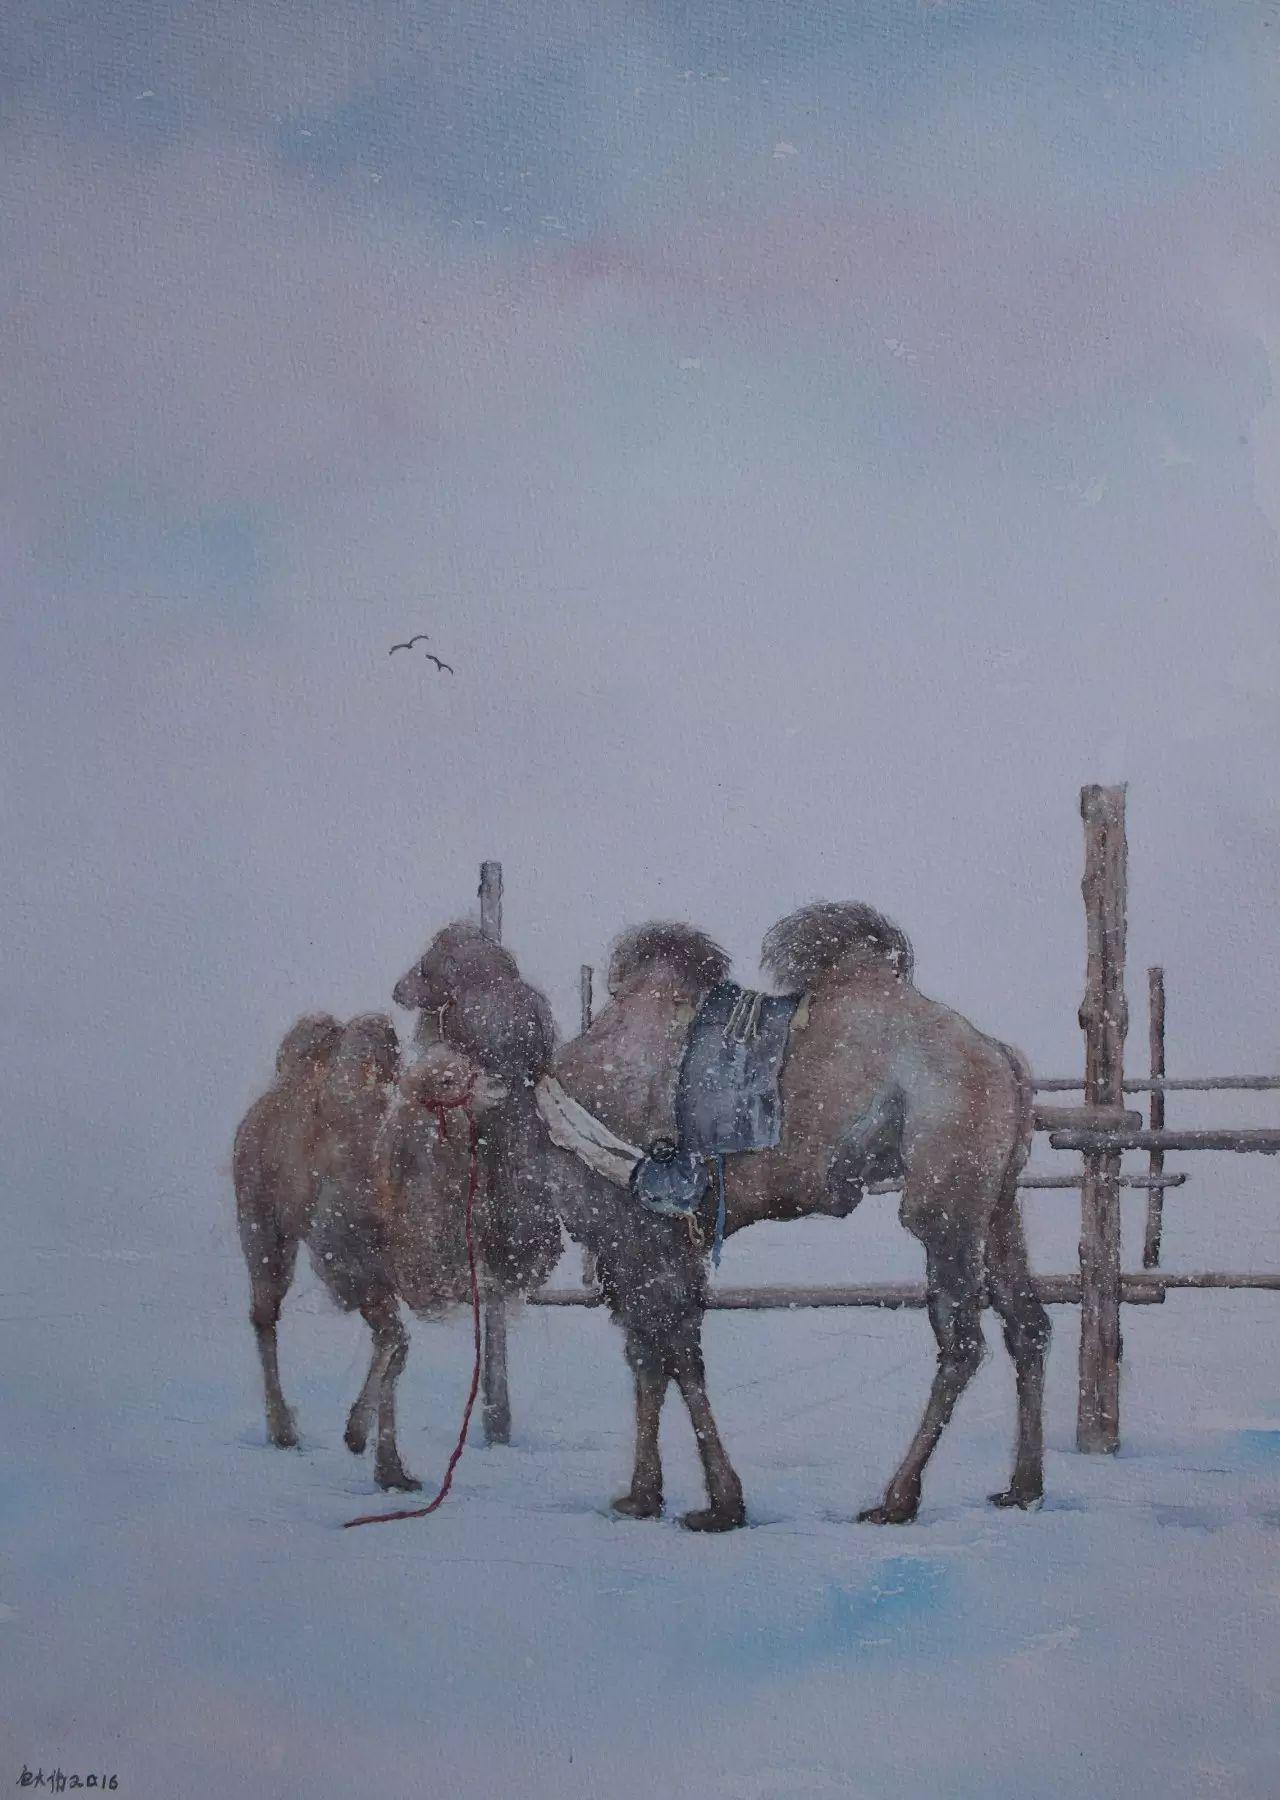 【图片】包大伟水粉画作品欣赏 第13张 【图片】包大伟水粉画作品欣赏 蒙古画廊